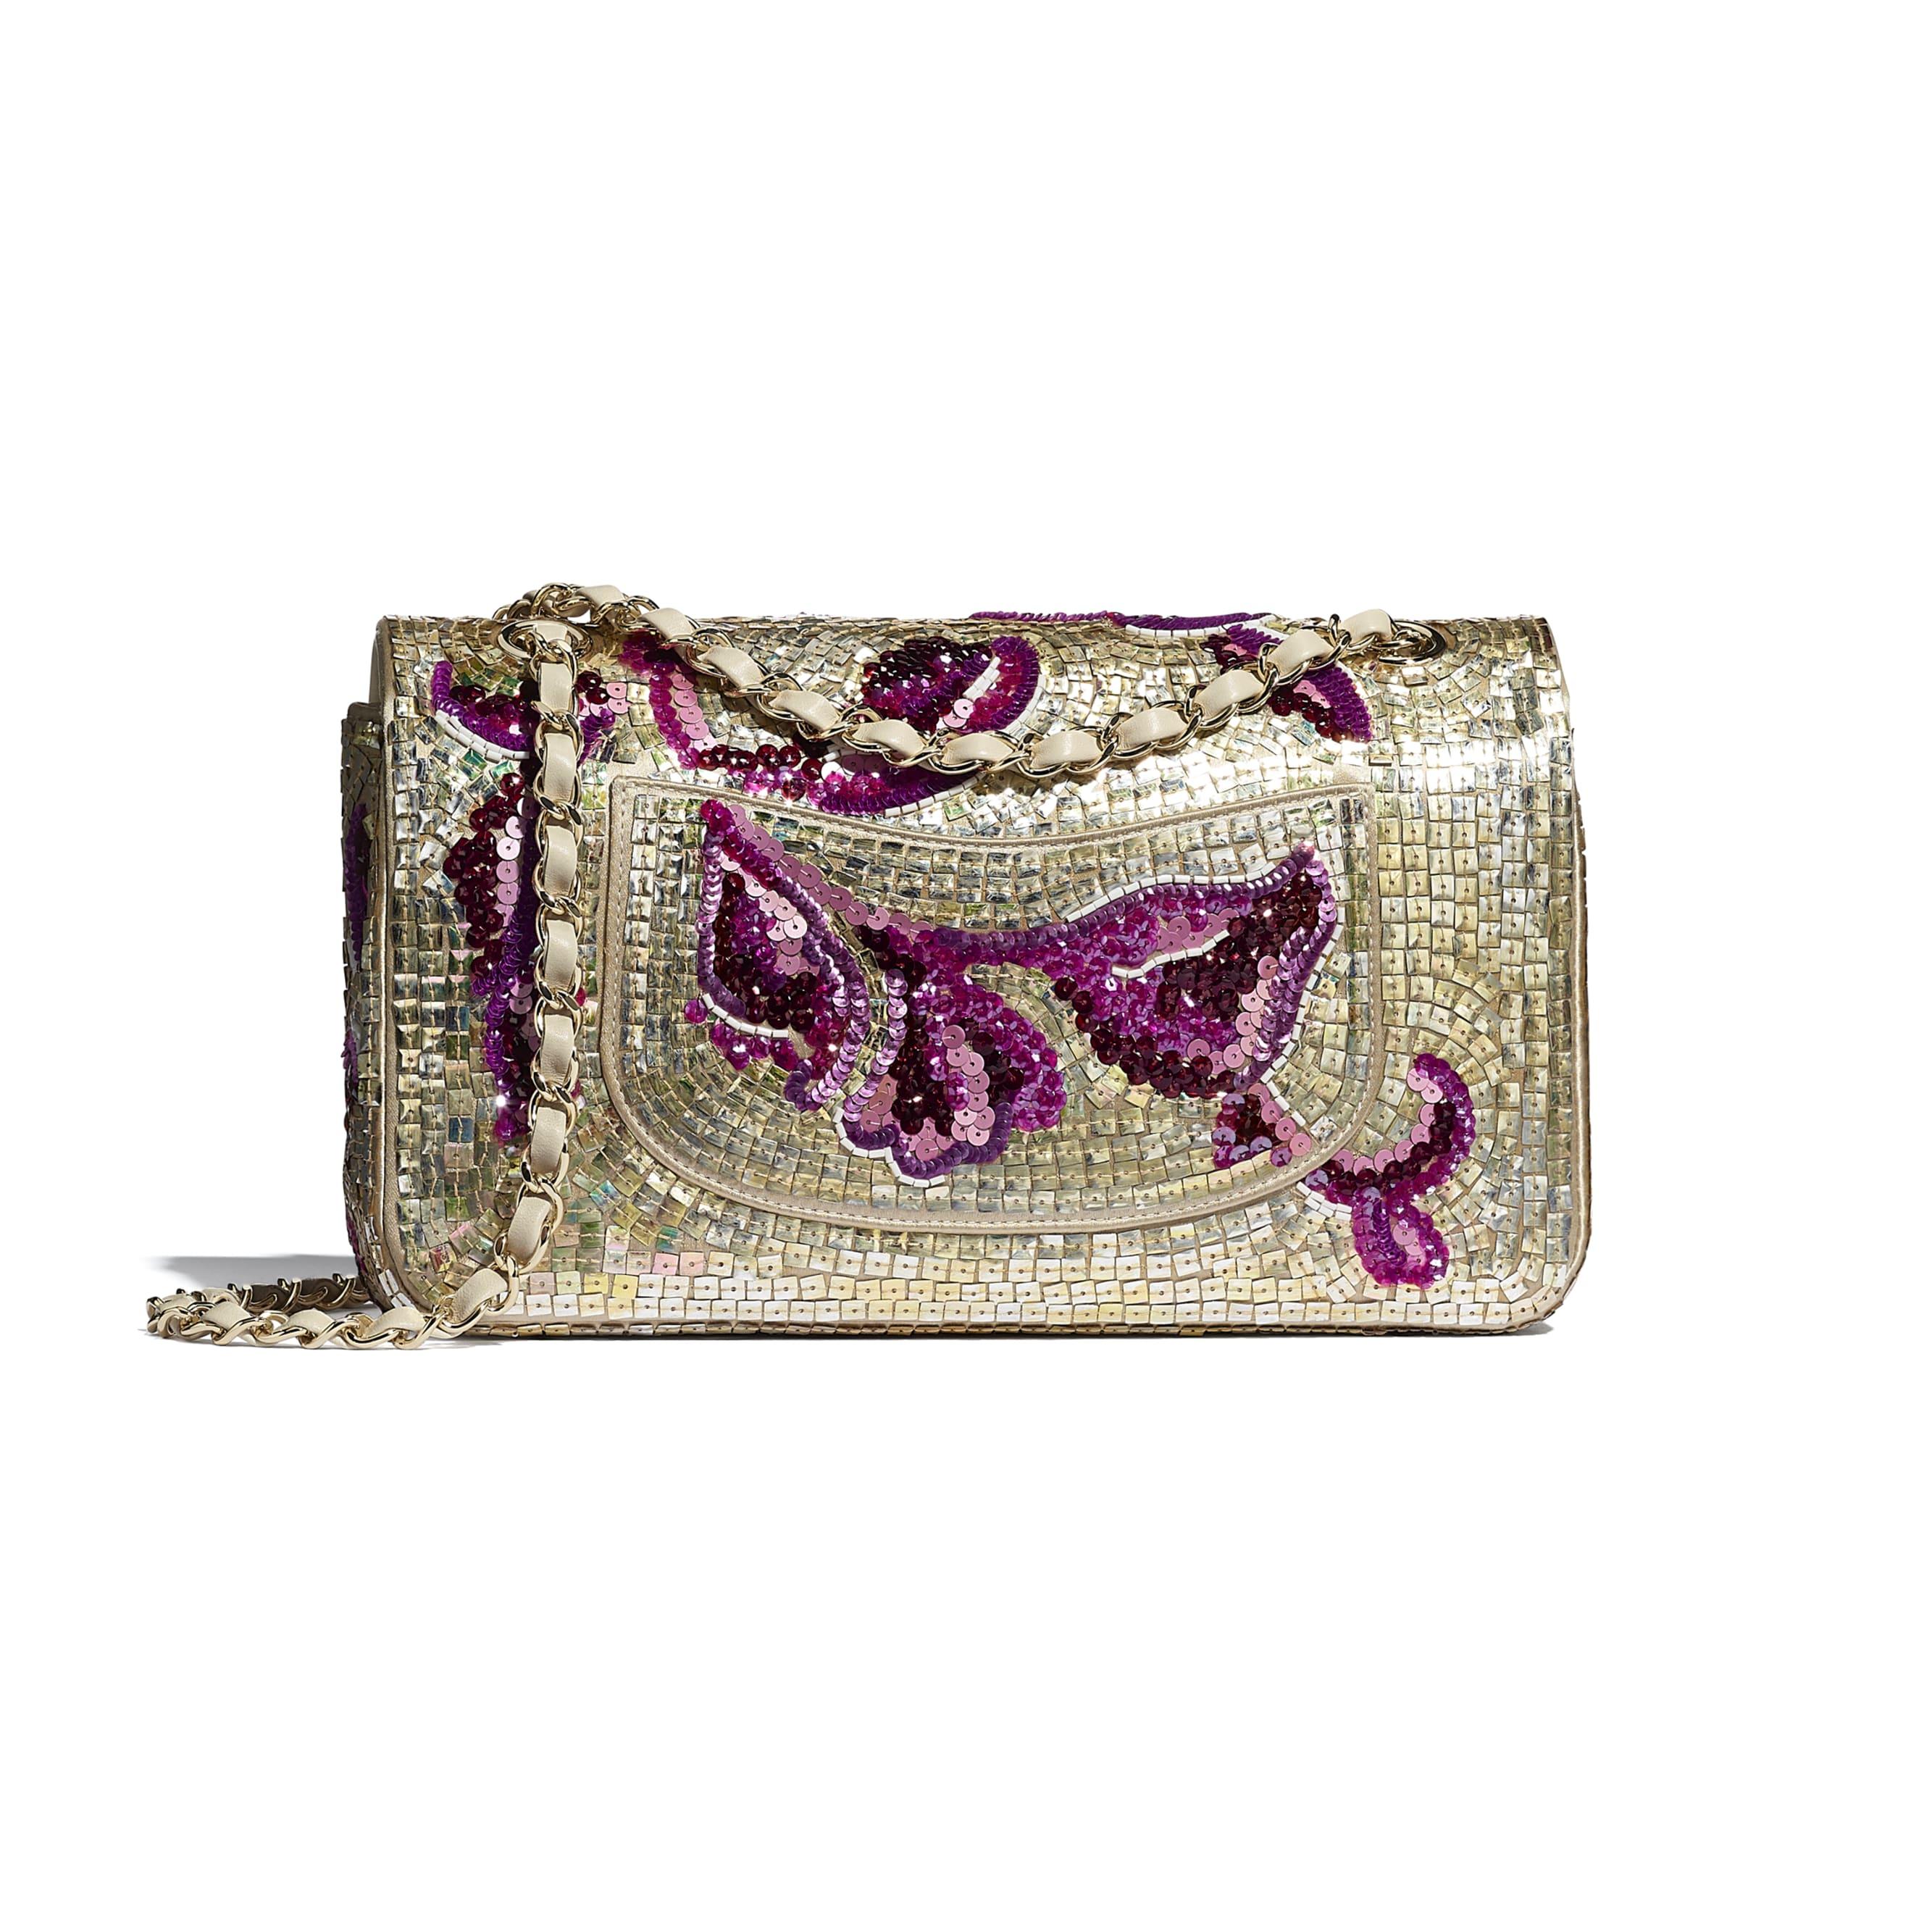 Классическая сумка-конверт - Фиолетовый и золотистый - Пайетки, стеклянный жемчуг, кожа ягненка и золотистый металл - CHANEL - Альтернативный вид - посмотреть изображение стандартного размера